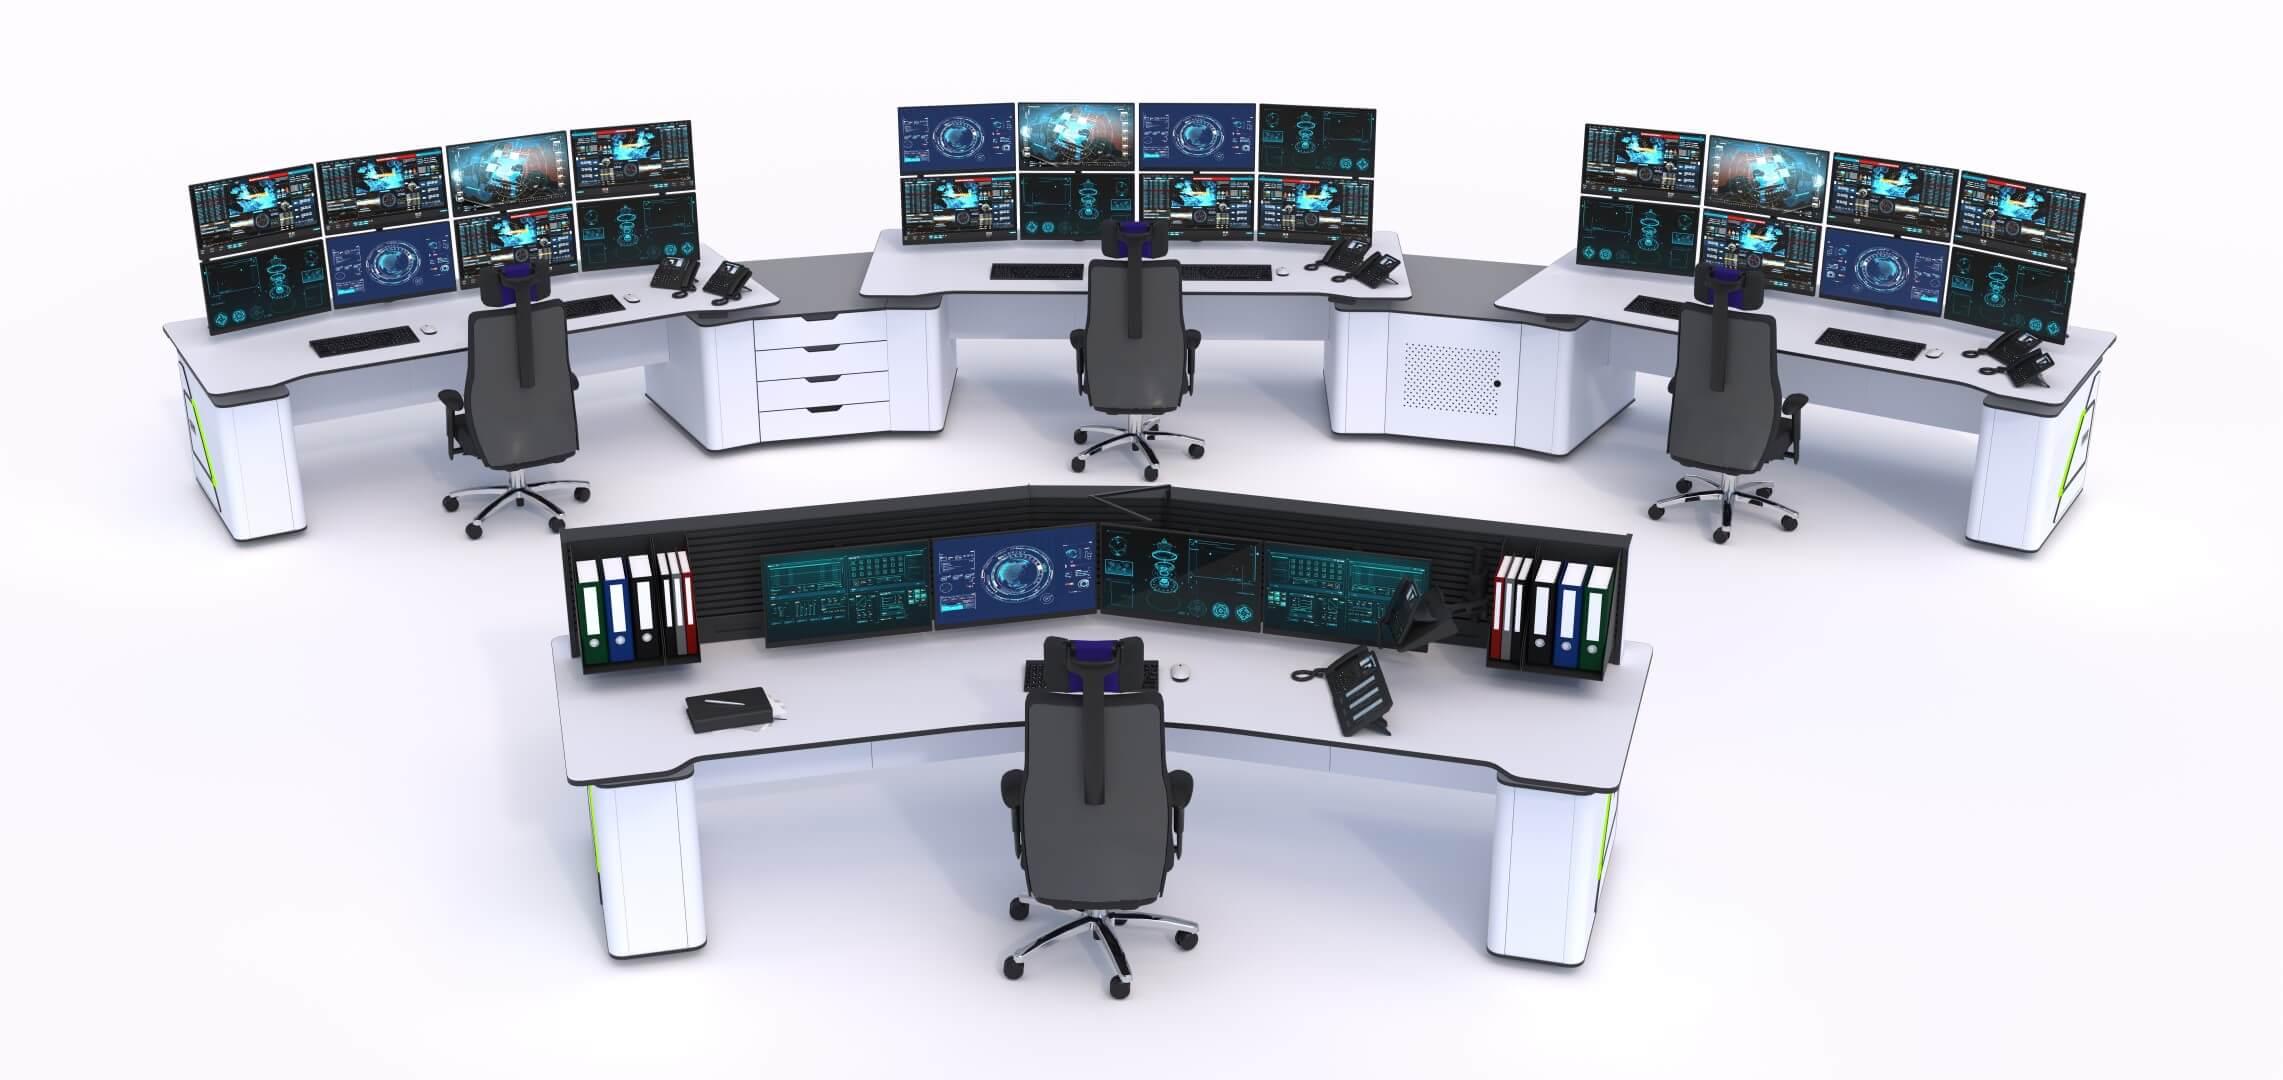 Диспетчерская мебель Атлант Форт с пультом старшего диспетчера